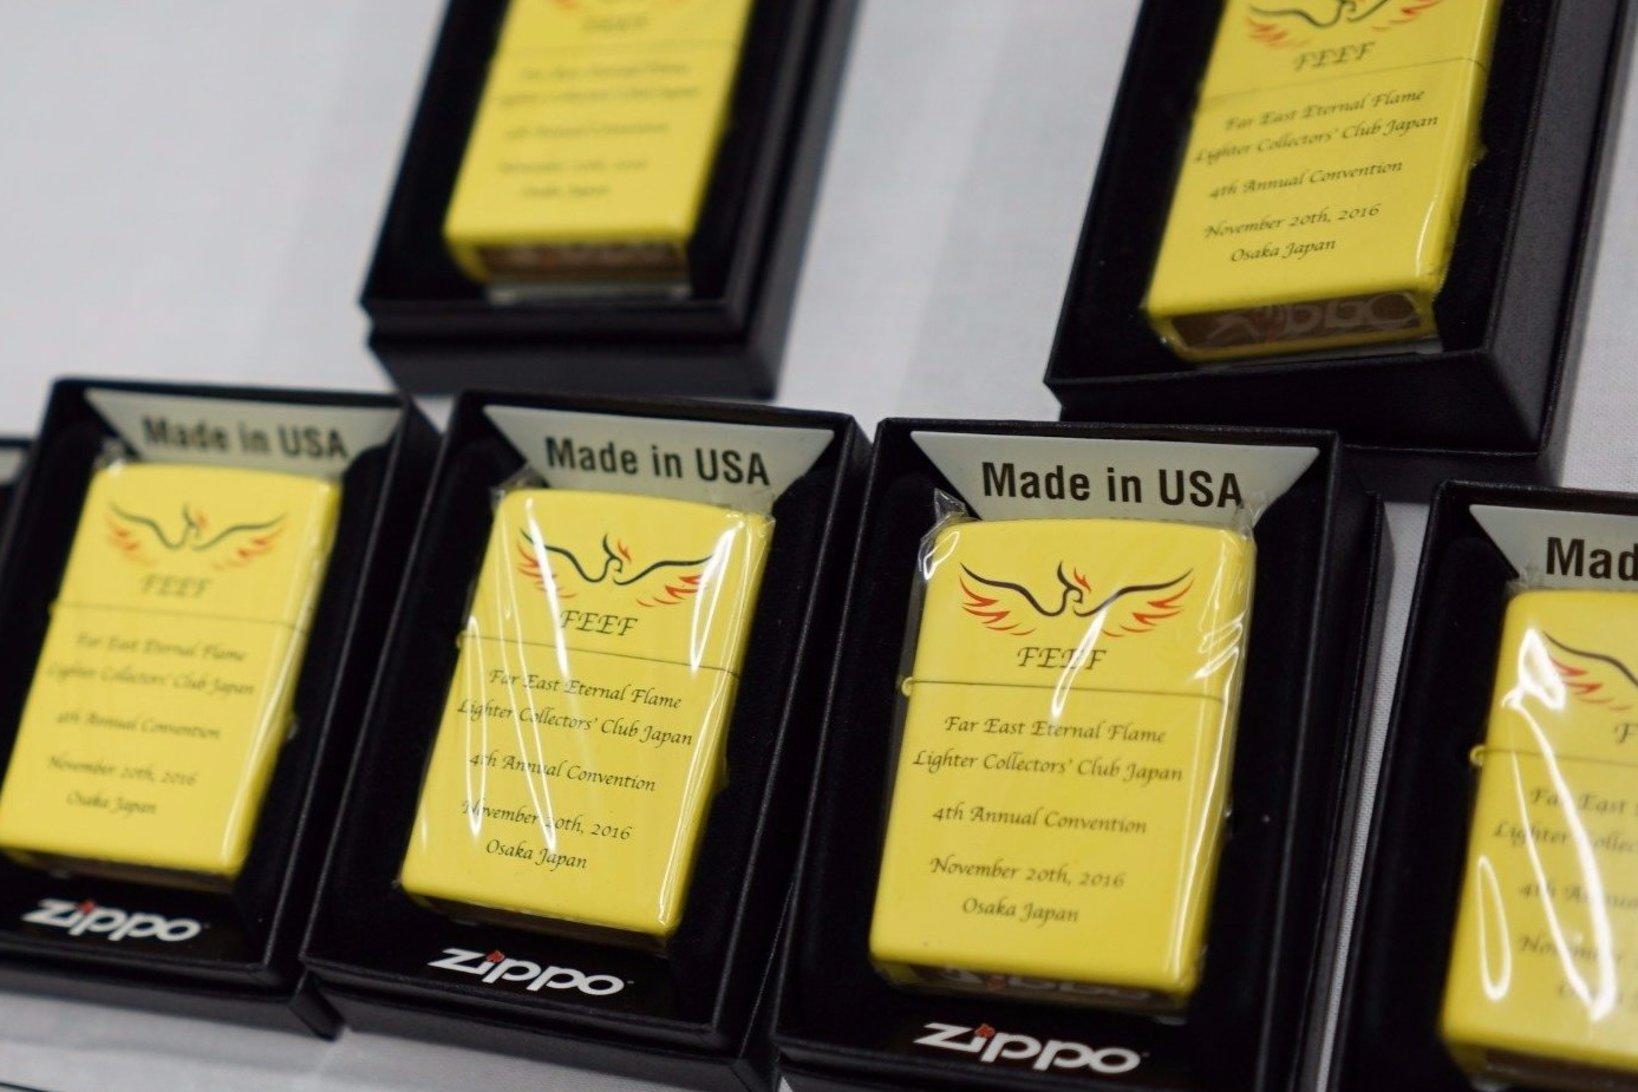 Zippo社に依頼をした、FEEF公式のZippoも会場で限定販売されていた。